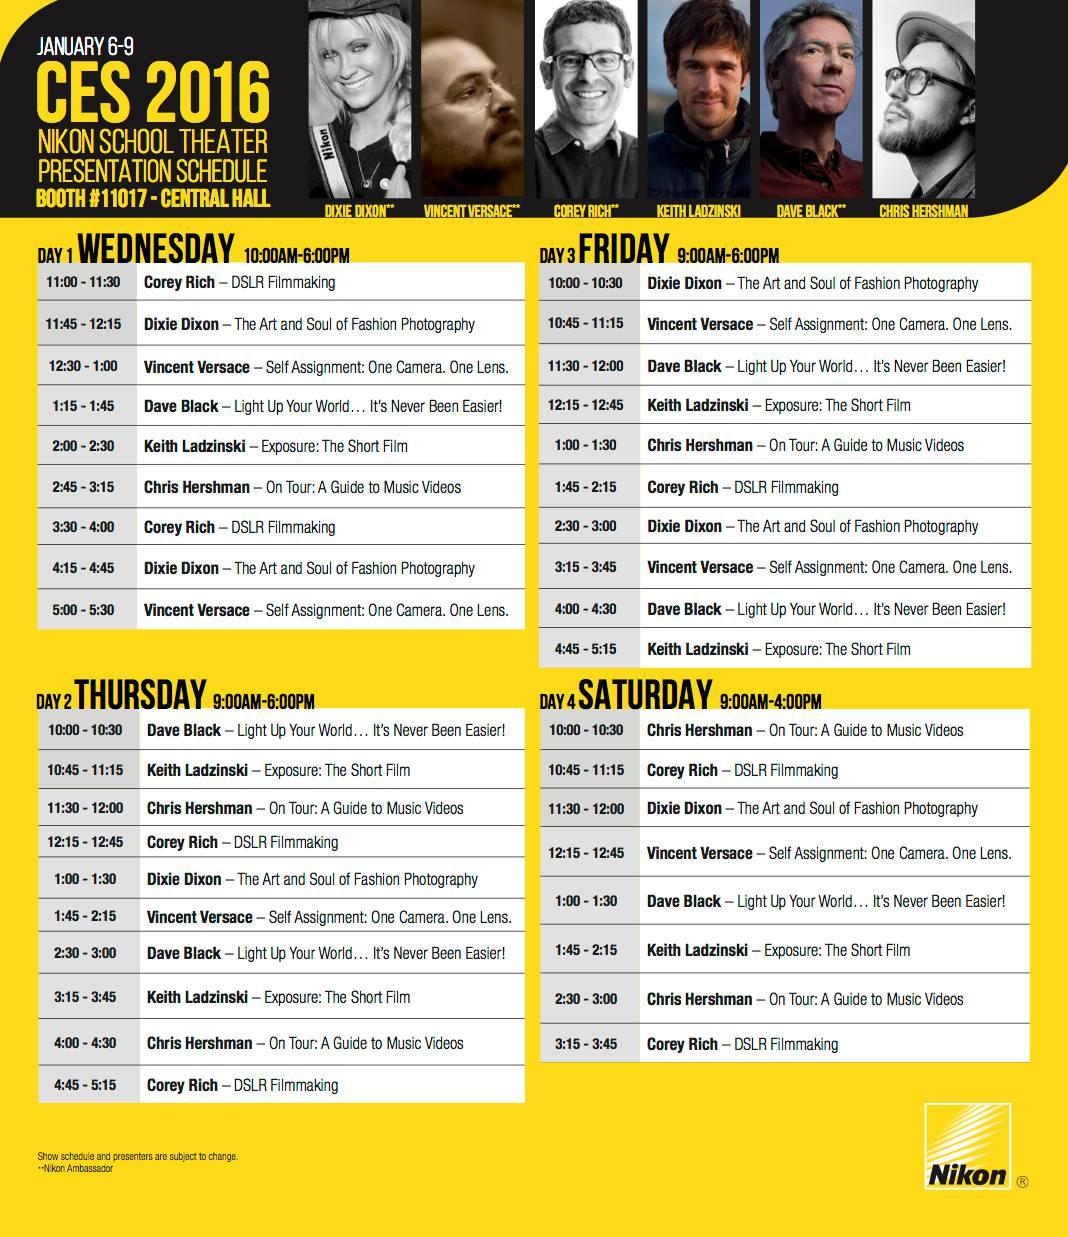 Nikon at 2016 CES schedule